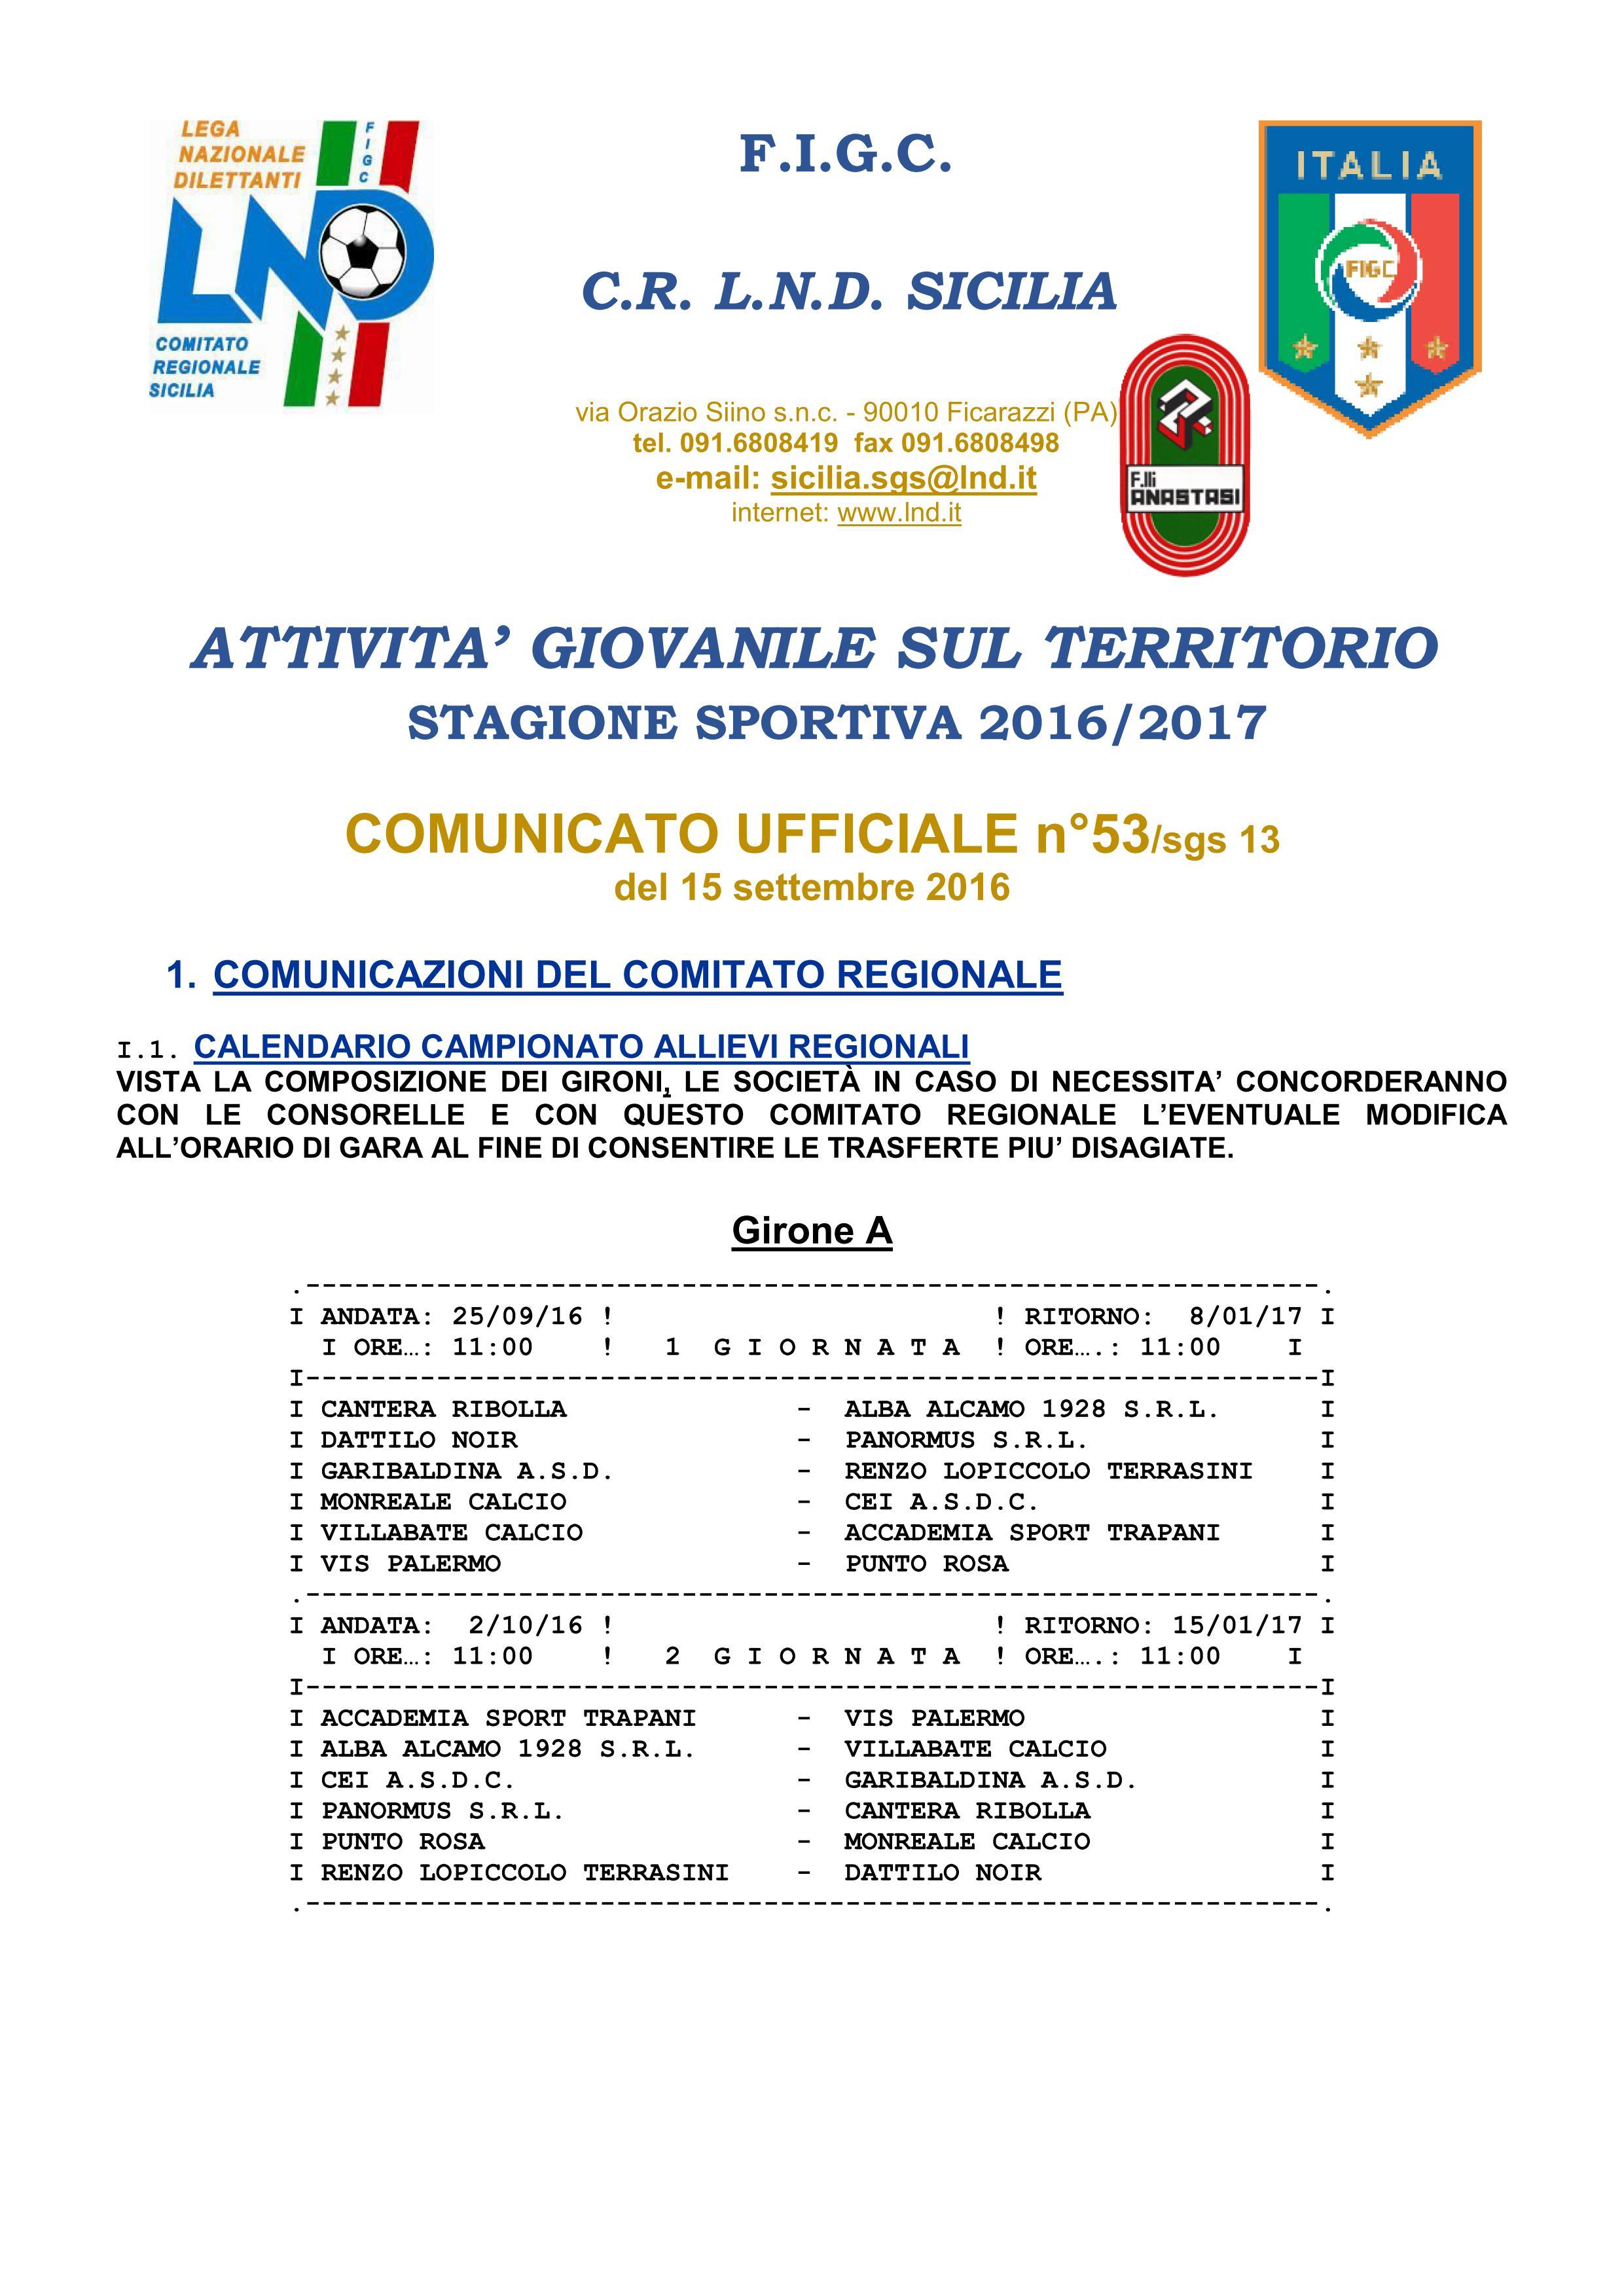 calendario allievi regionali 16-17 - 1